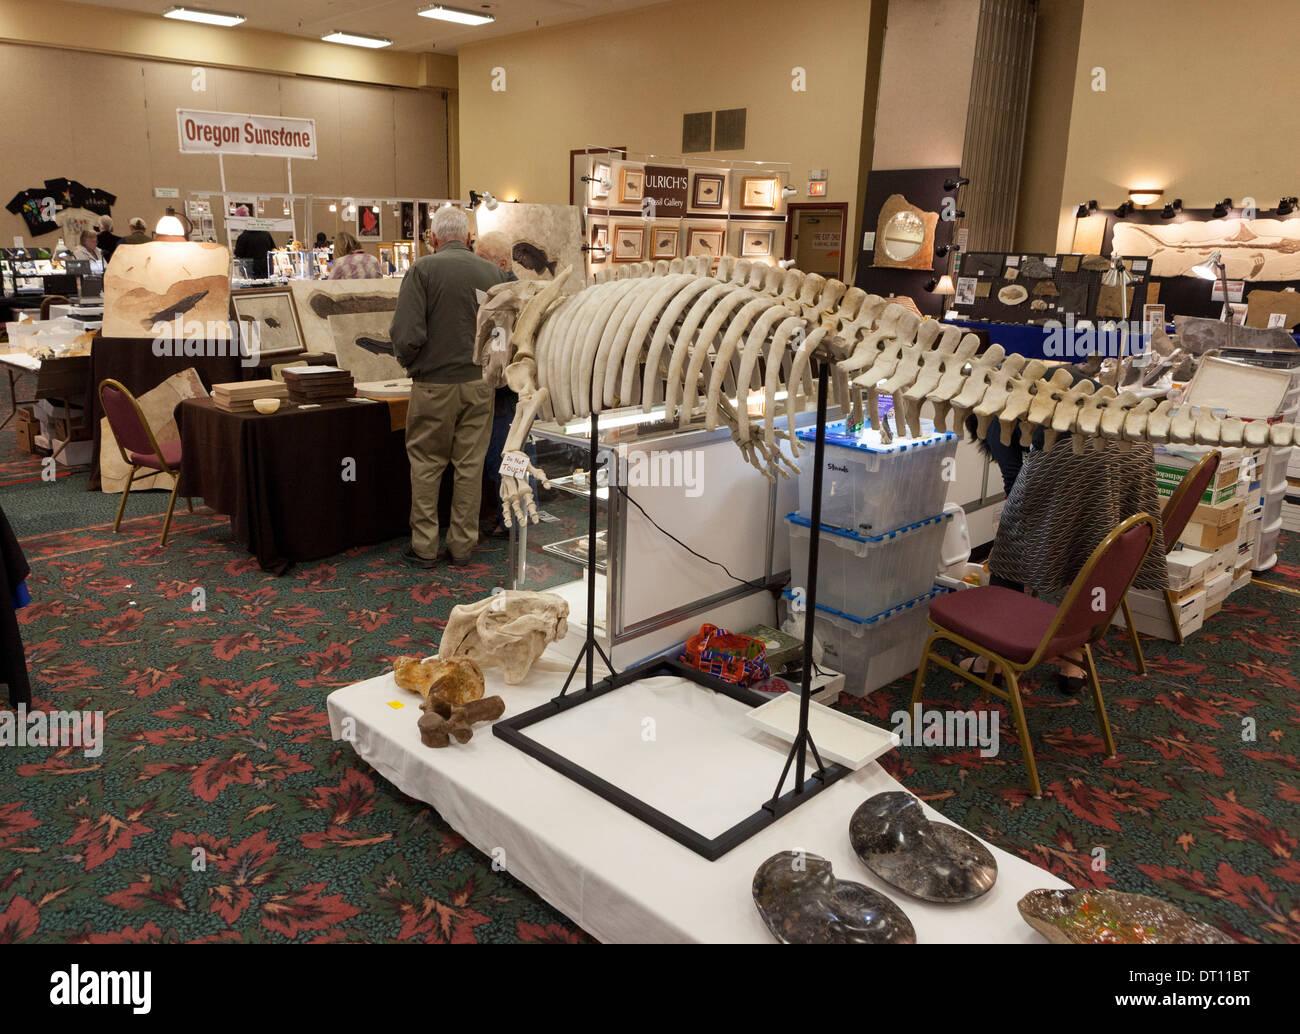 Affiche de fossiles, squelettes, pierres précieuses, minéraux, roches, cristaux et de météorites Photo Stock